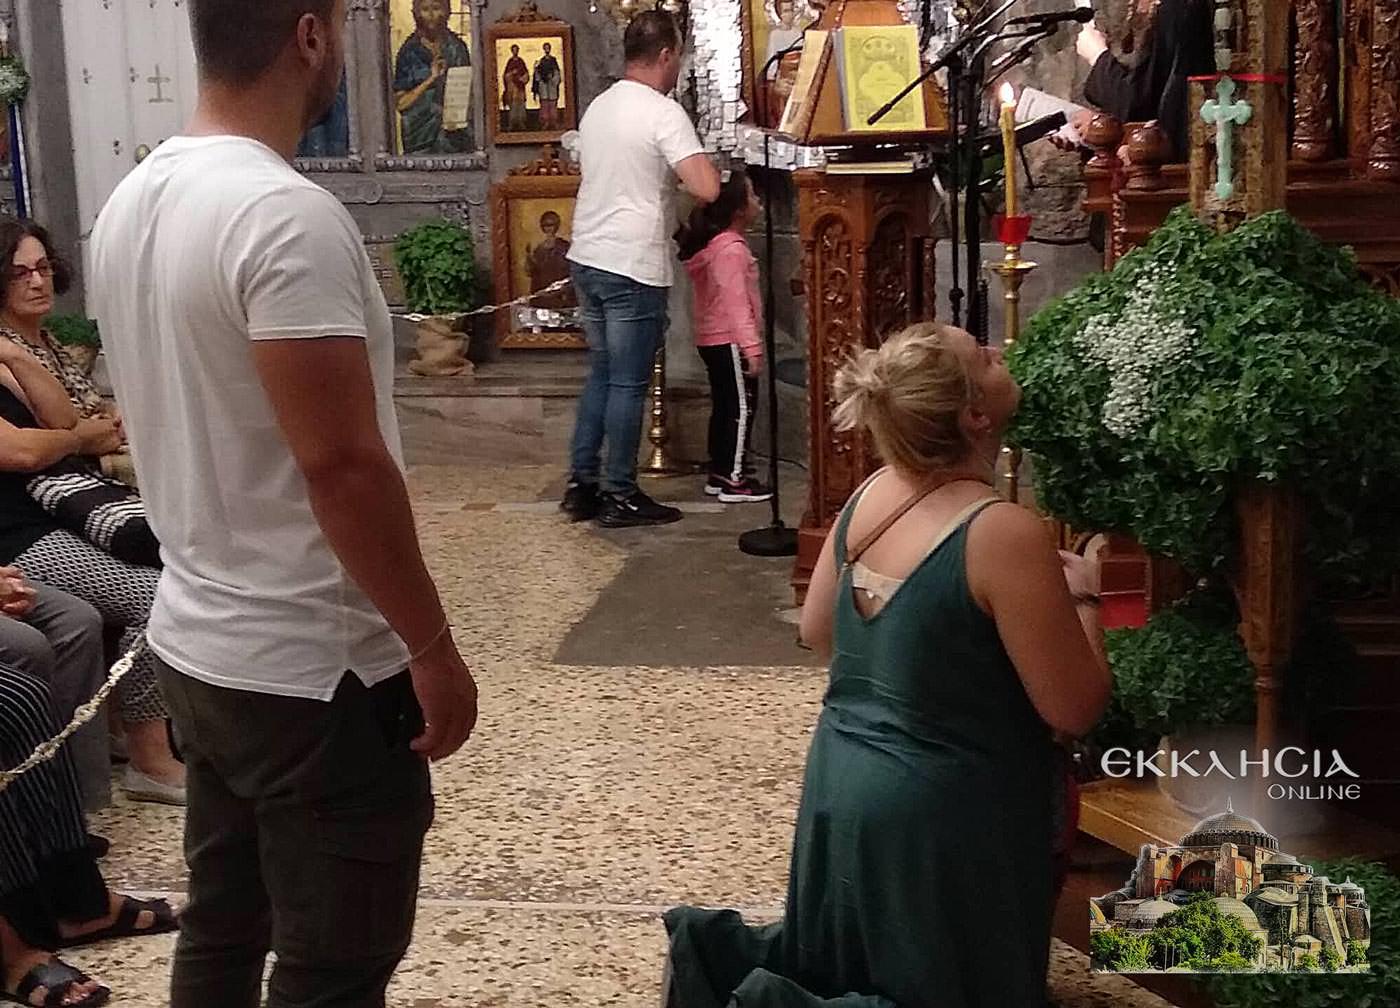 Ιερός Ναός Αγίων Ισιδώρων Λυκαβηττού Υψώσεως Τιμίου Σταυρού 2019